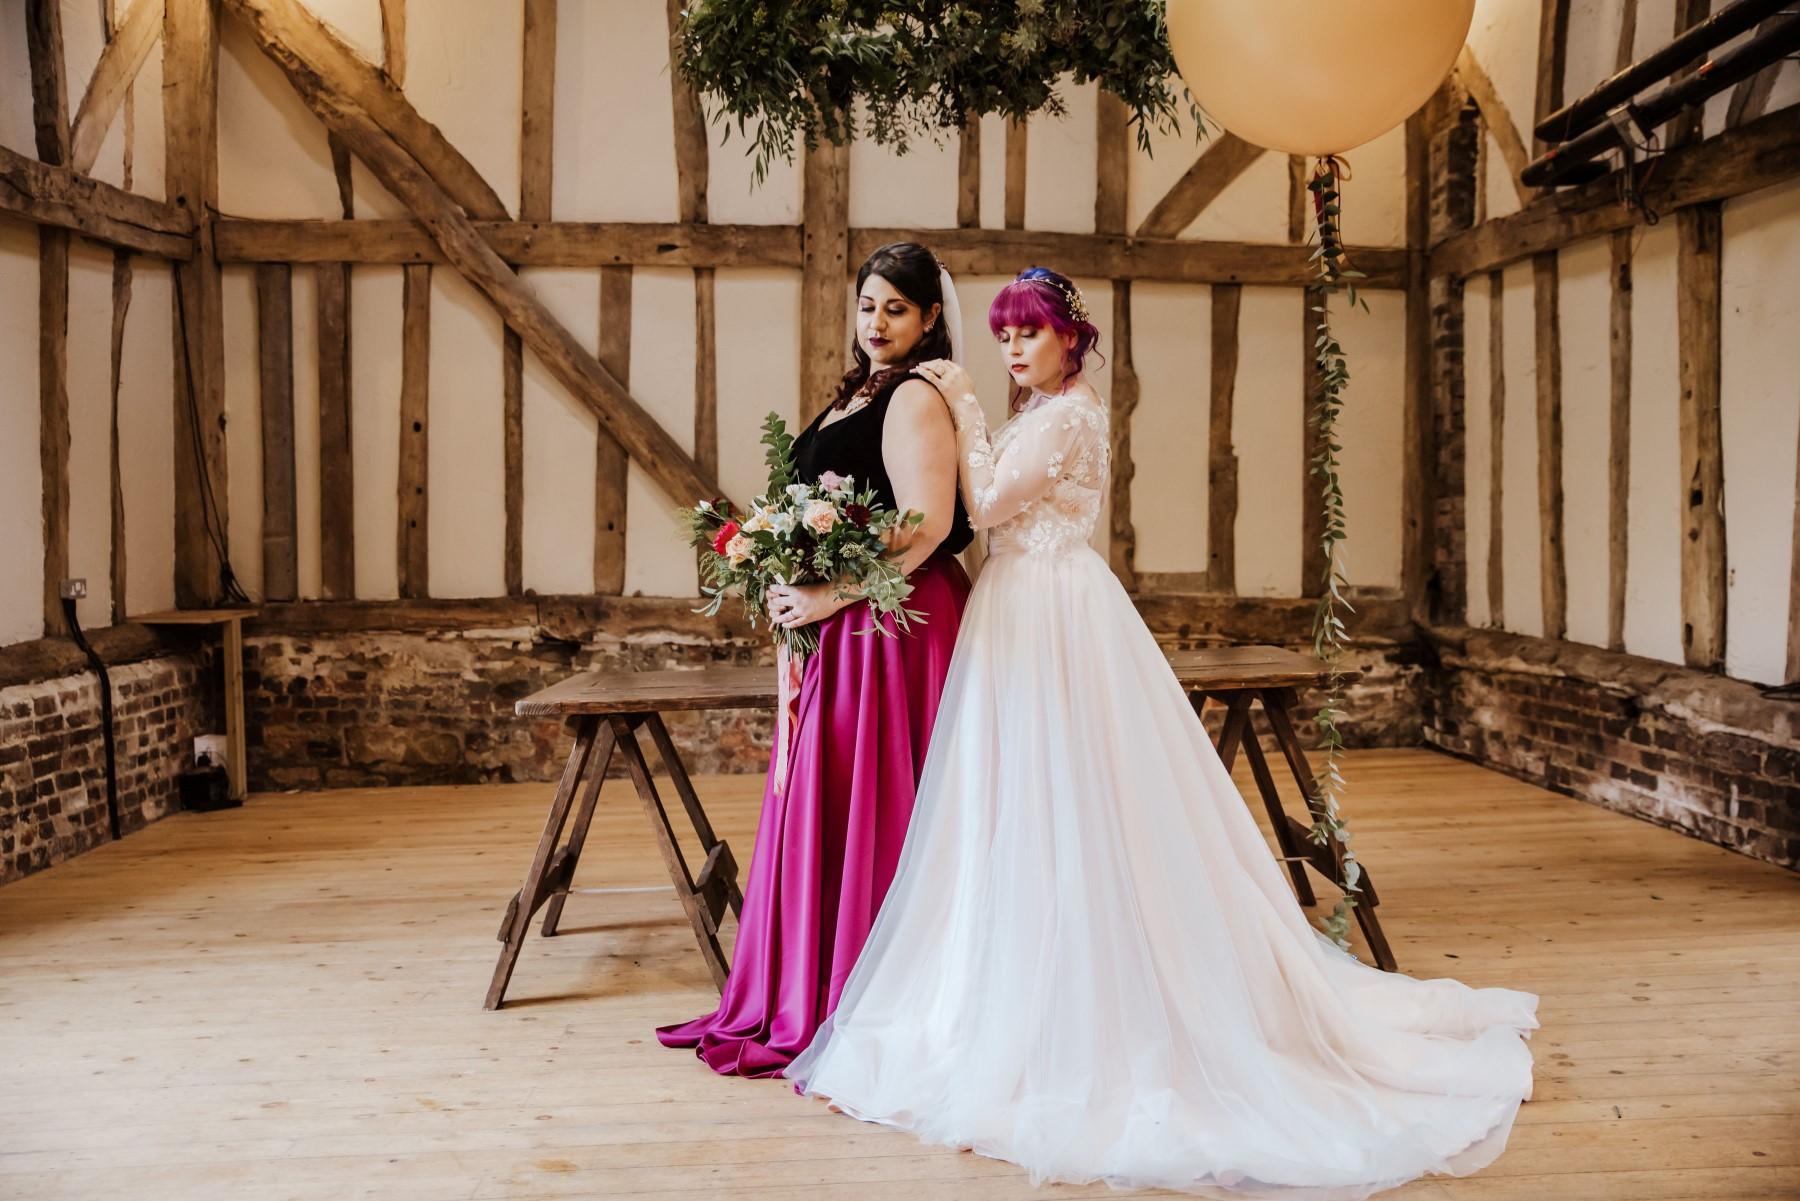 Roshni Photography- Barn Wedding Shoot- Couple 3